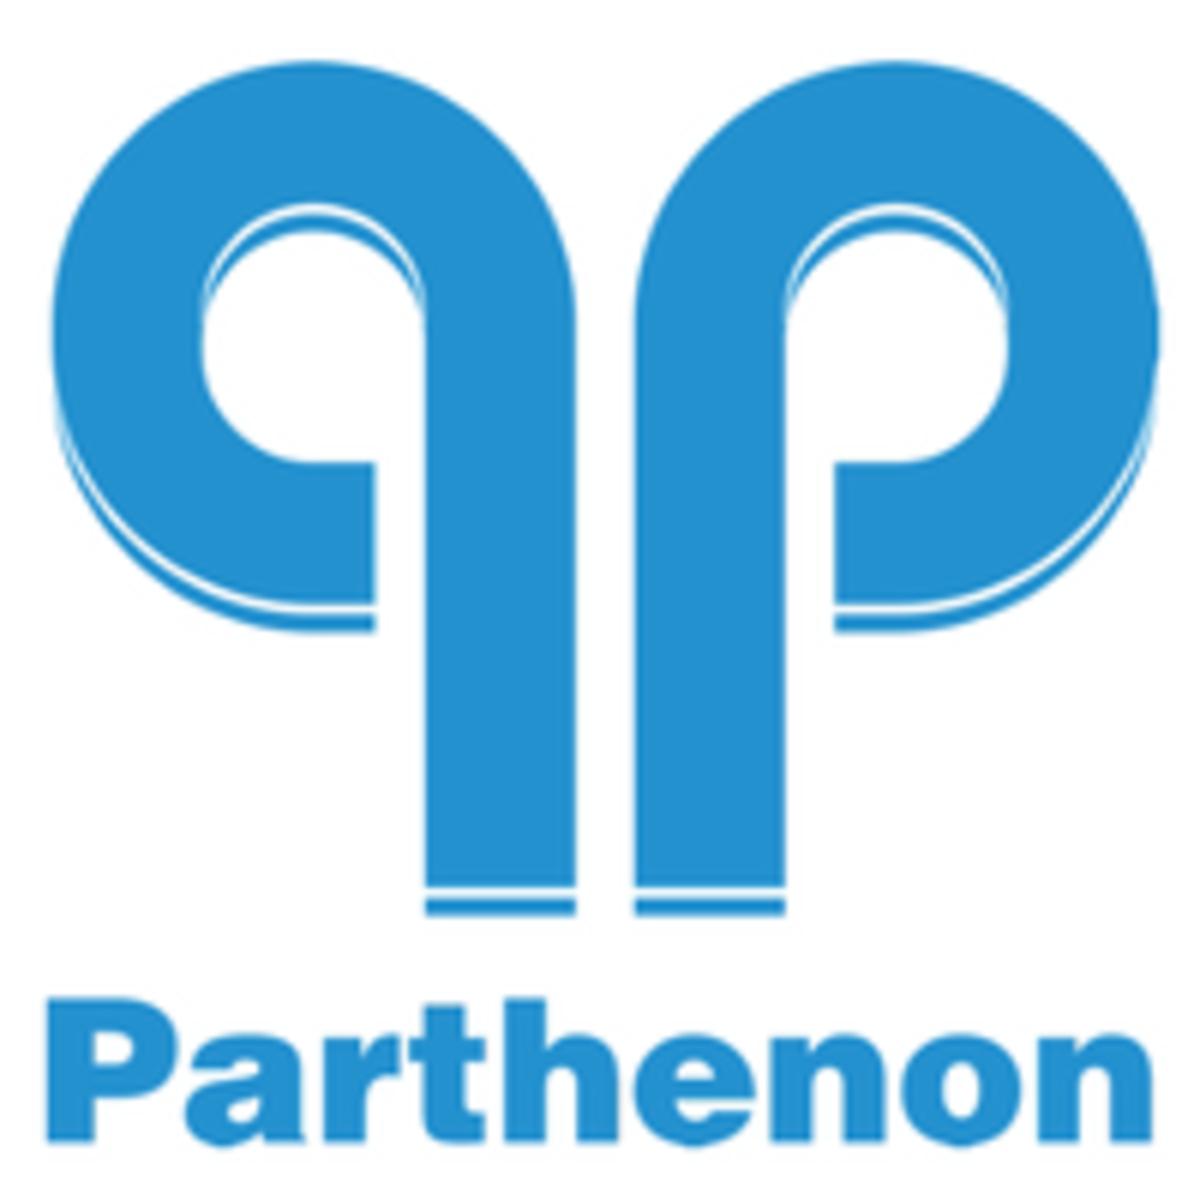 Parthenon logo